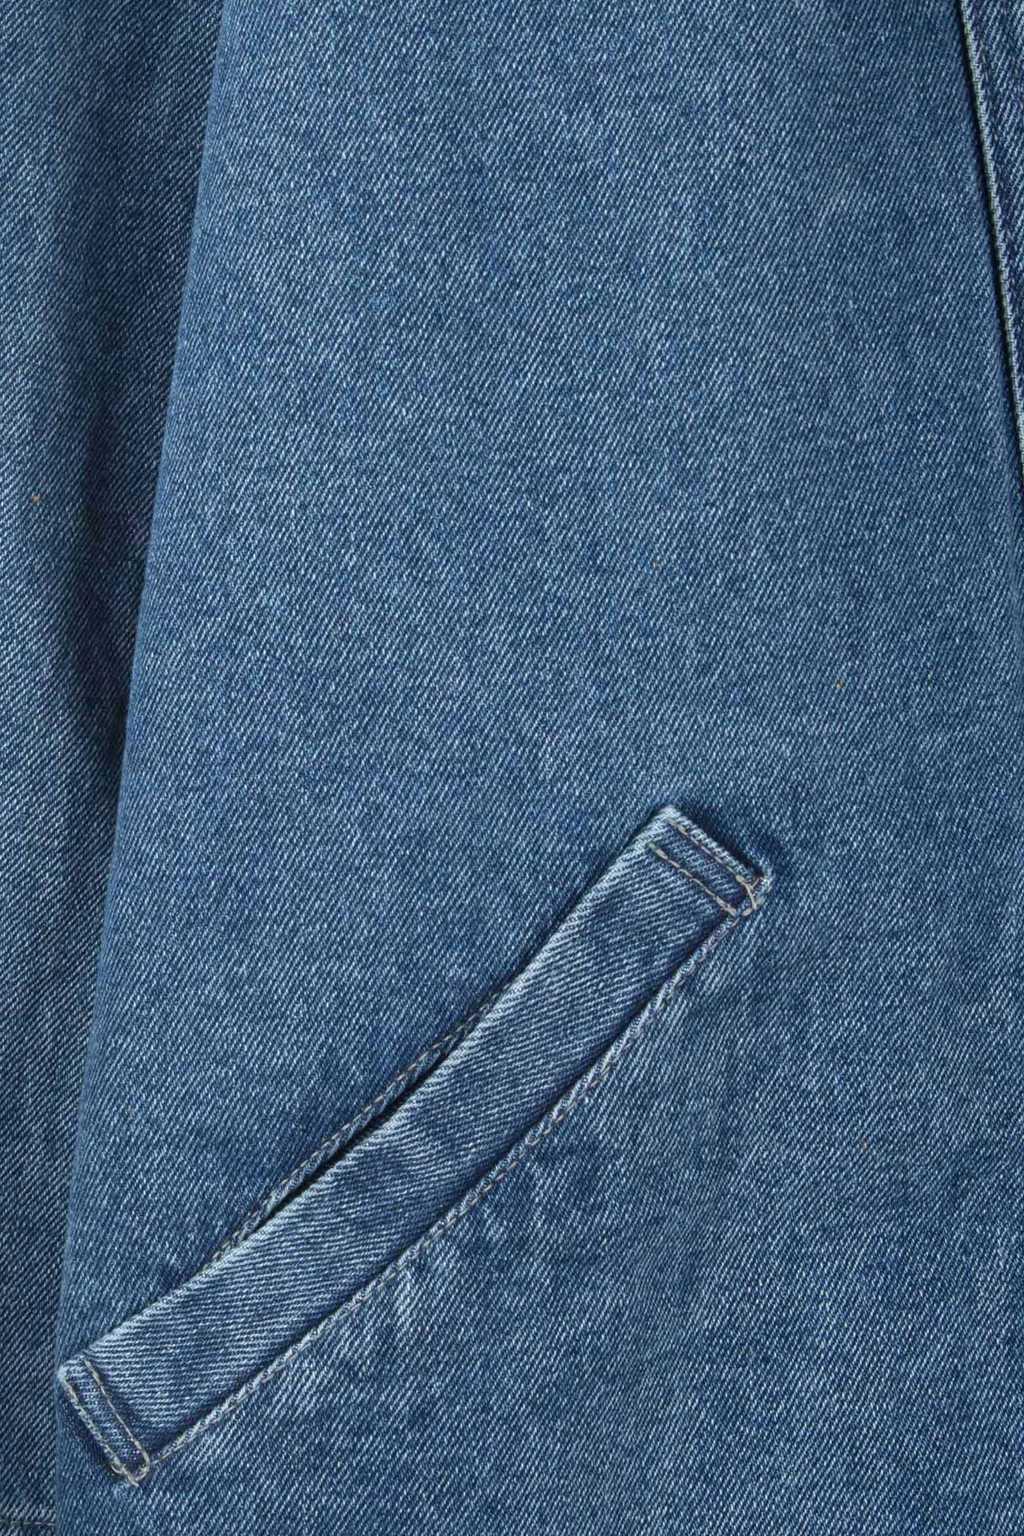 Coat H043 Indigo 6